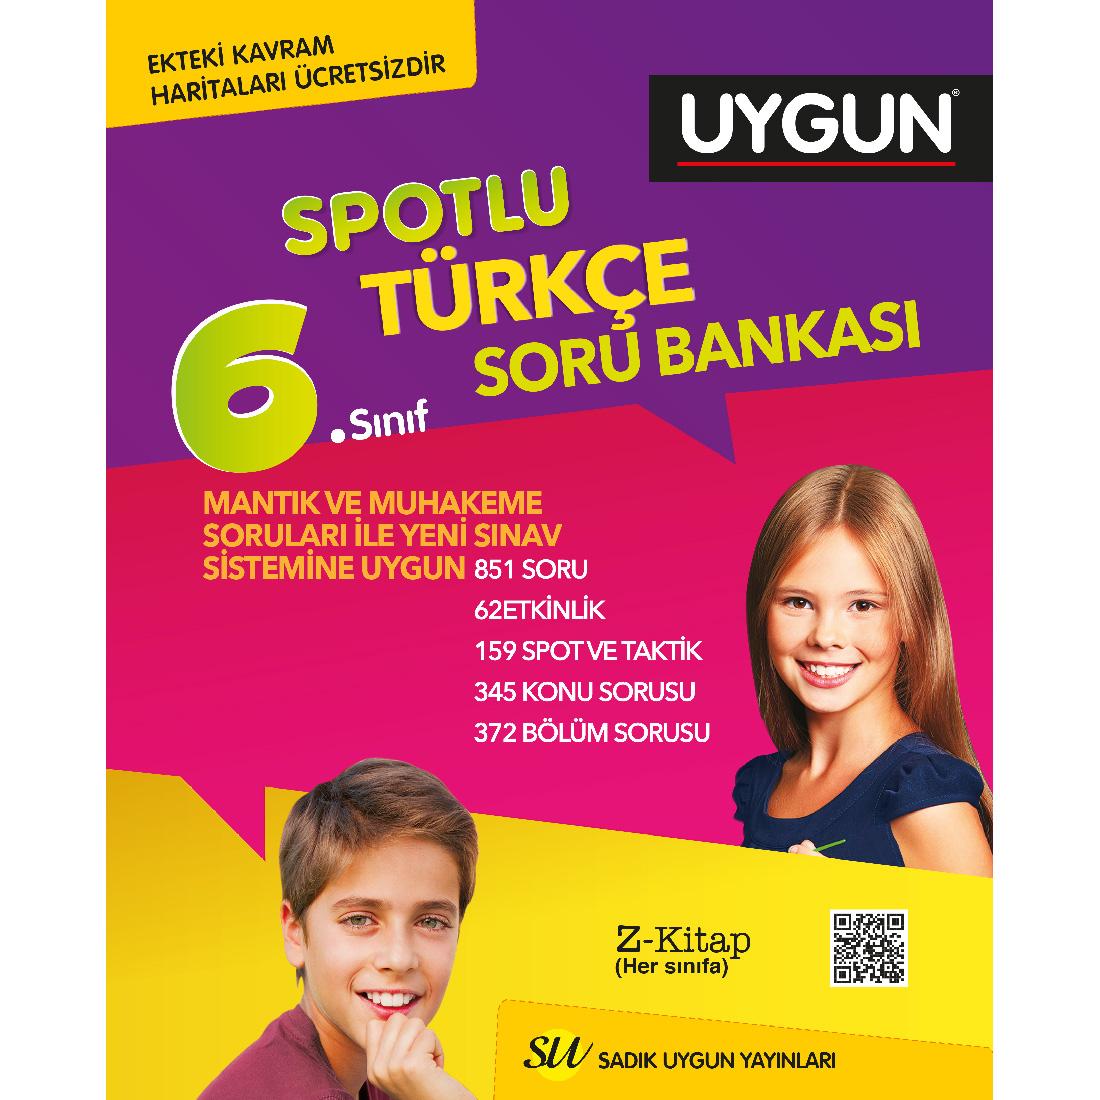 6.Sınıf Spotlu Türkçe + Kavram Haritası Sadık Uygun Yayınları